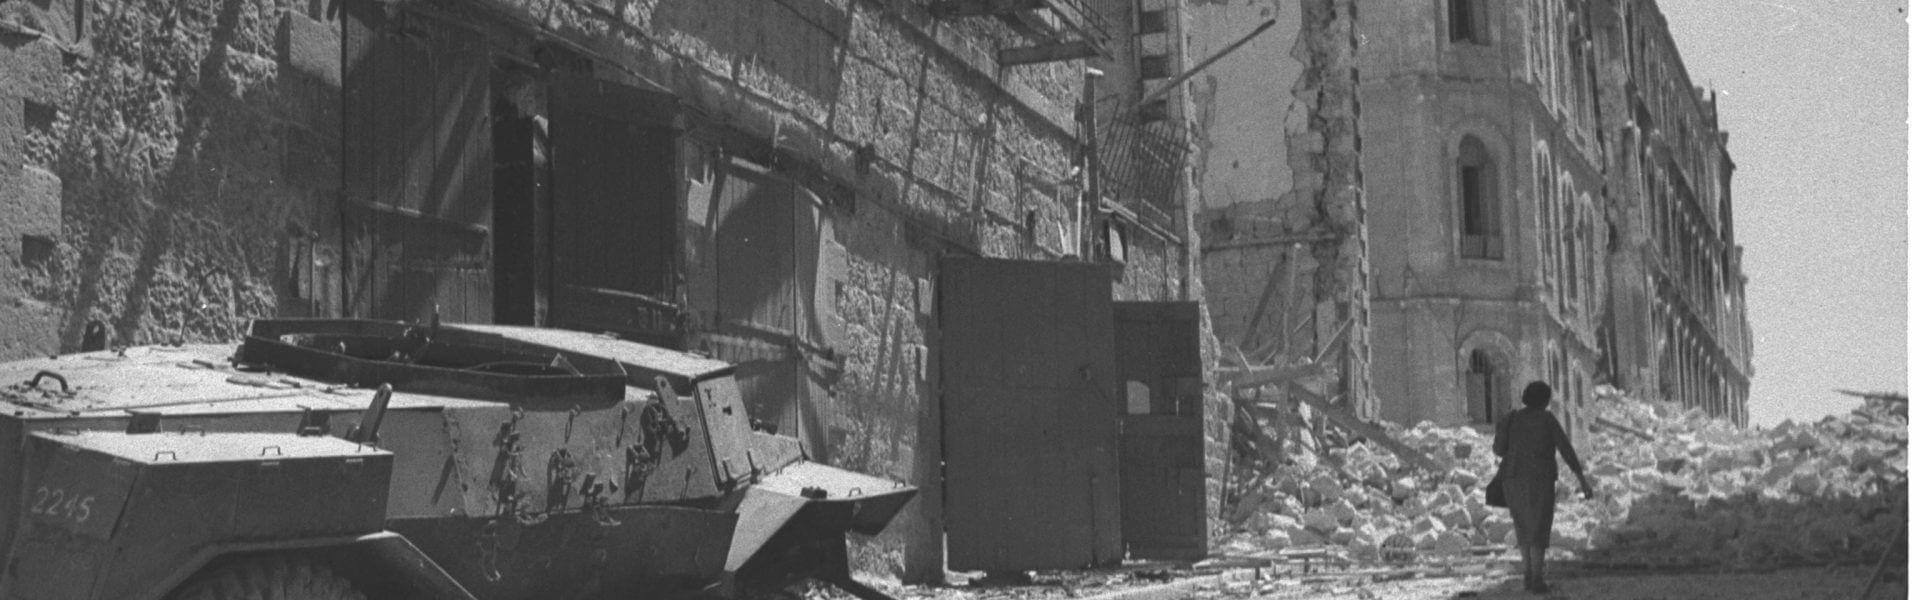 בית שיזוק בירושלים, מלחמת העצמאות, יוני 1948. צילום: הנס פין, לע